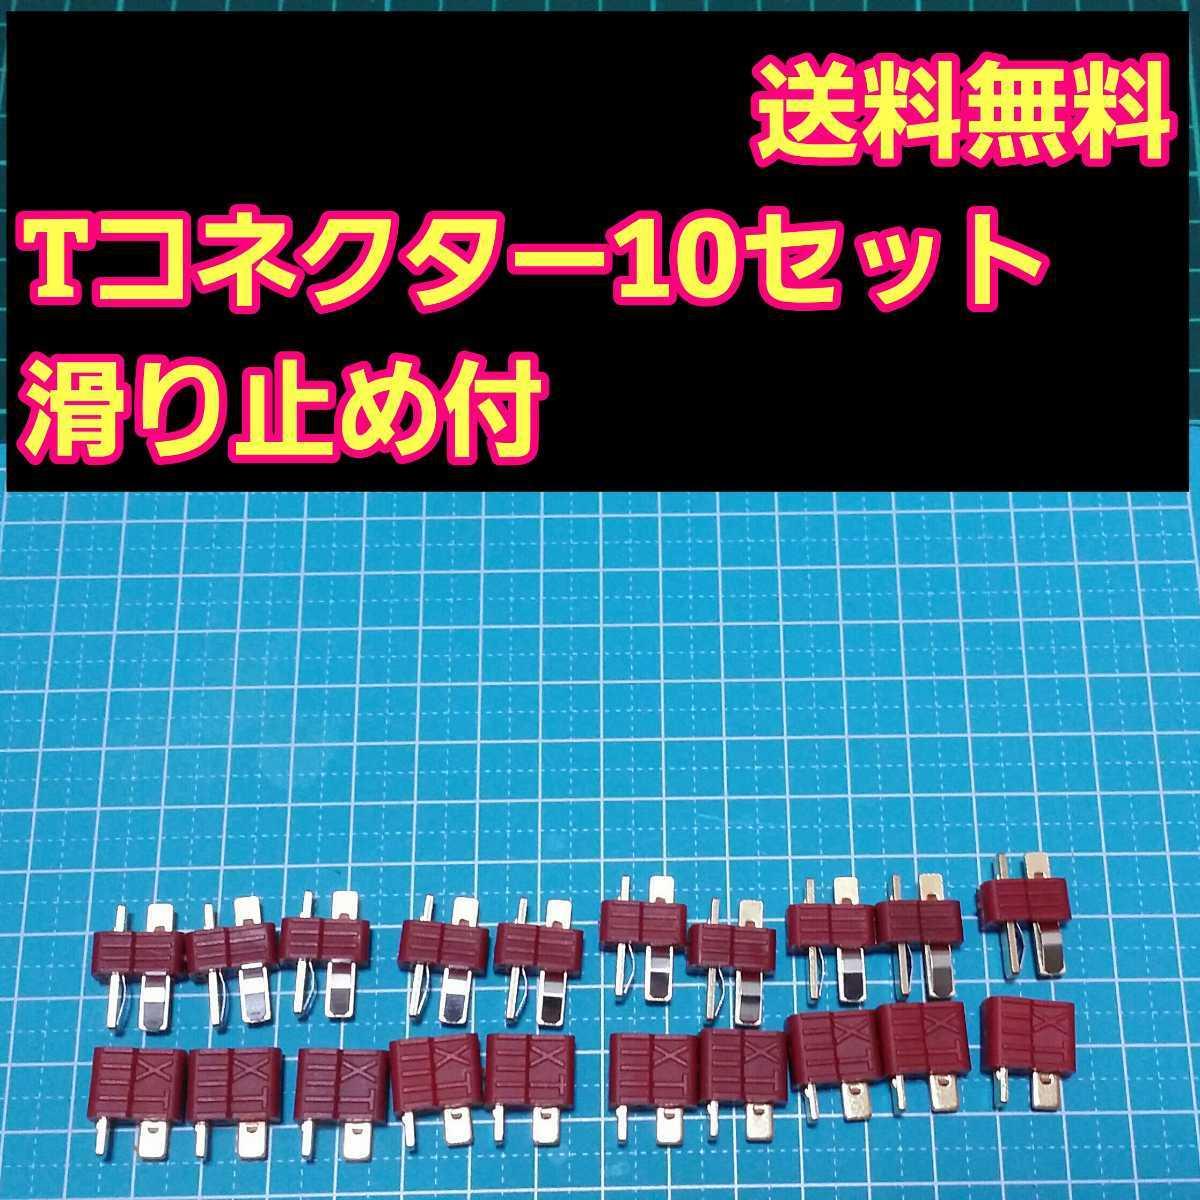 即決《送料無料》 T型 コネクター オス メス10セット ラジコン ドリパケ アンプ バッテリー ディーンズ YD-2 タミヤ ヨコモ tt01